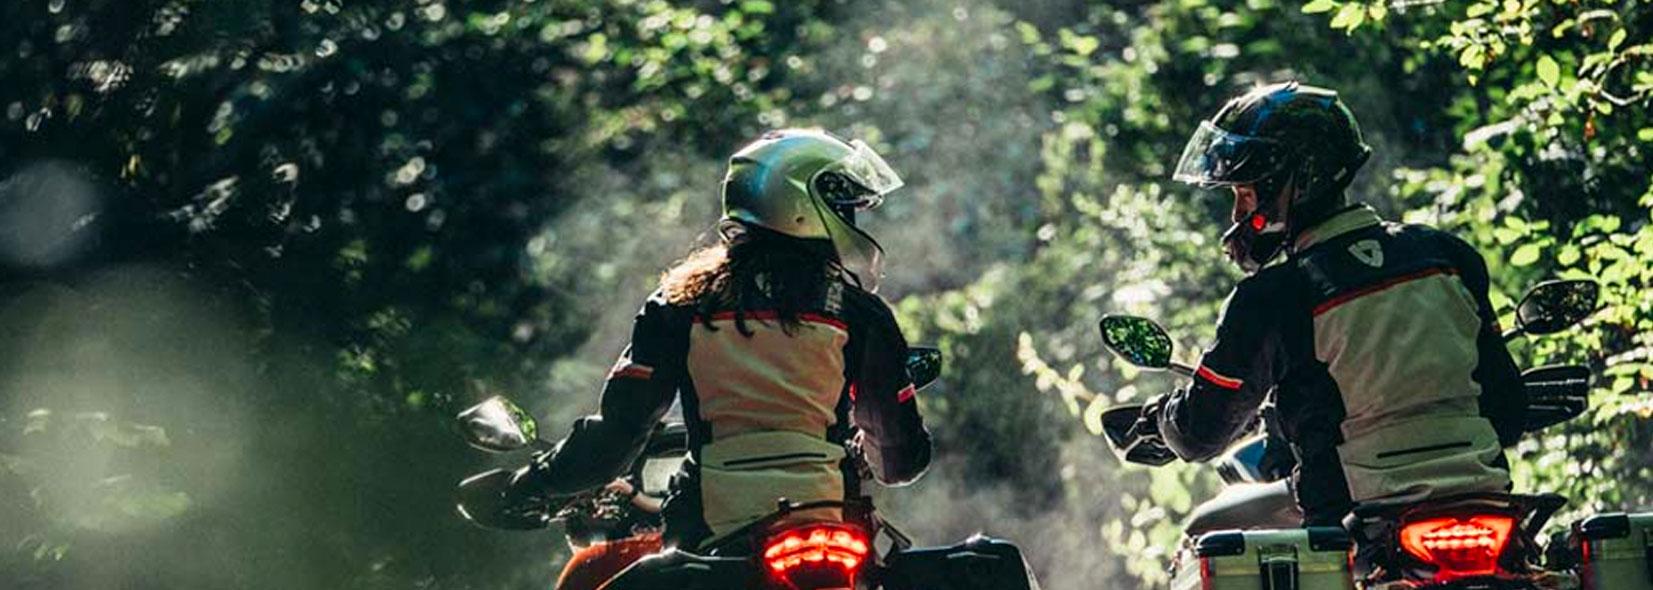 10 Consejos para ir en moto en invierno